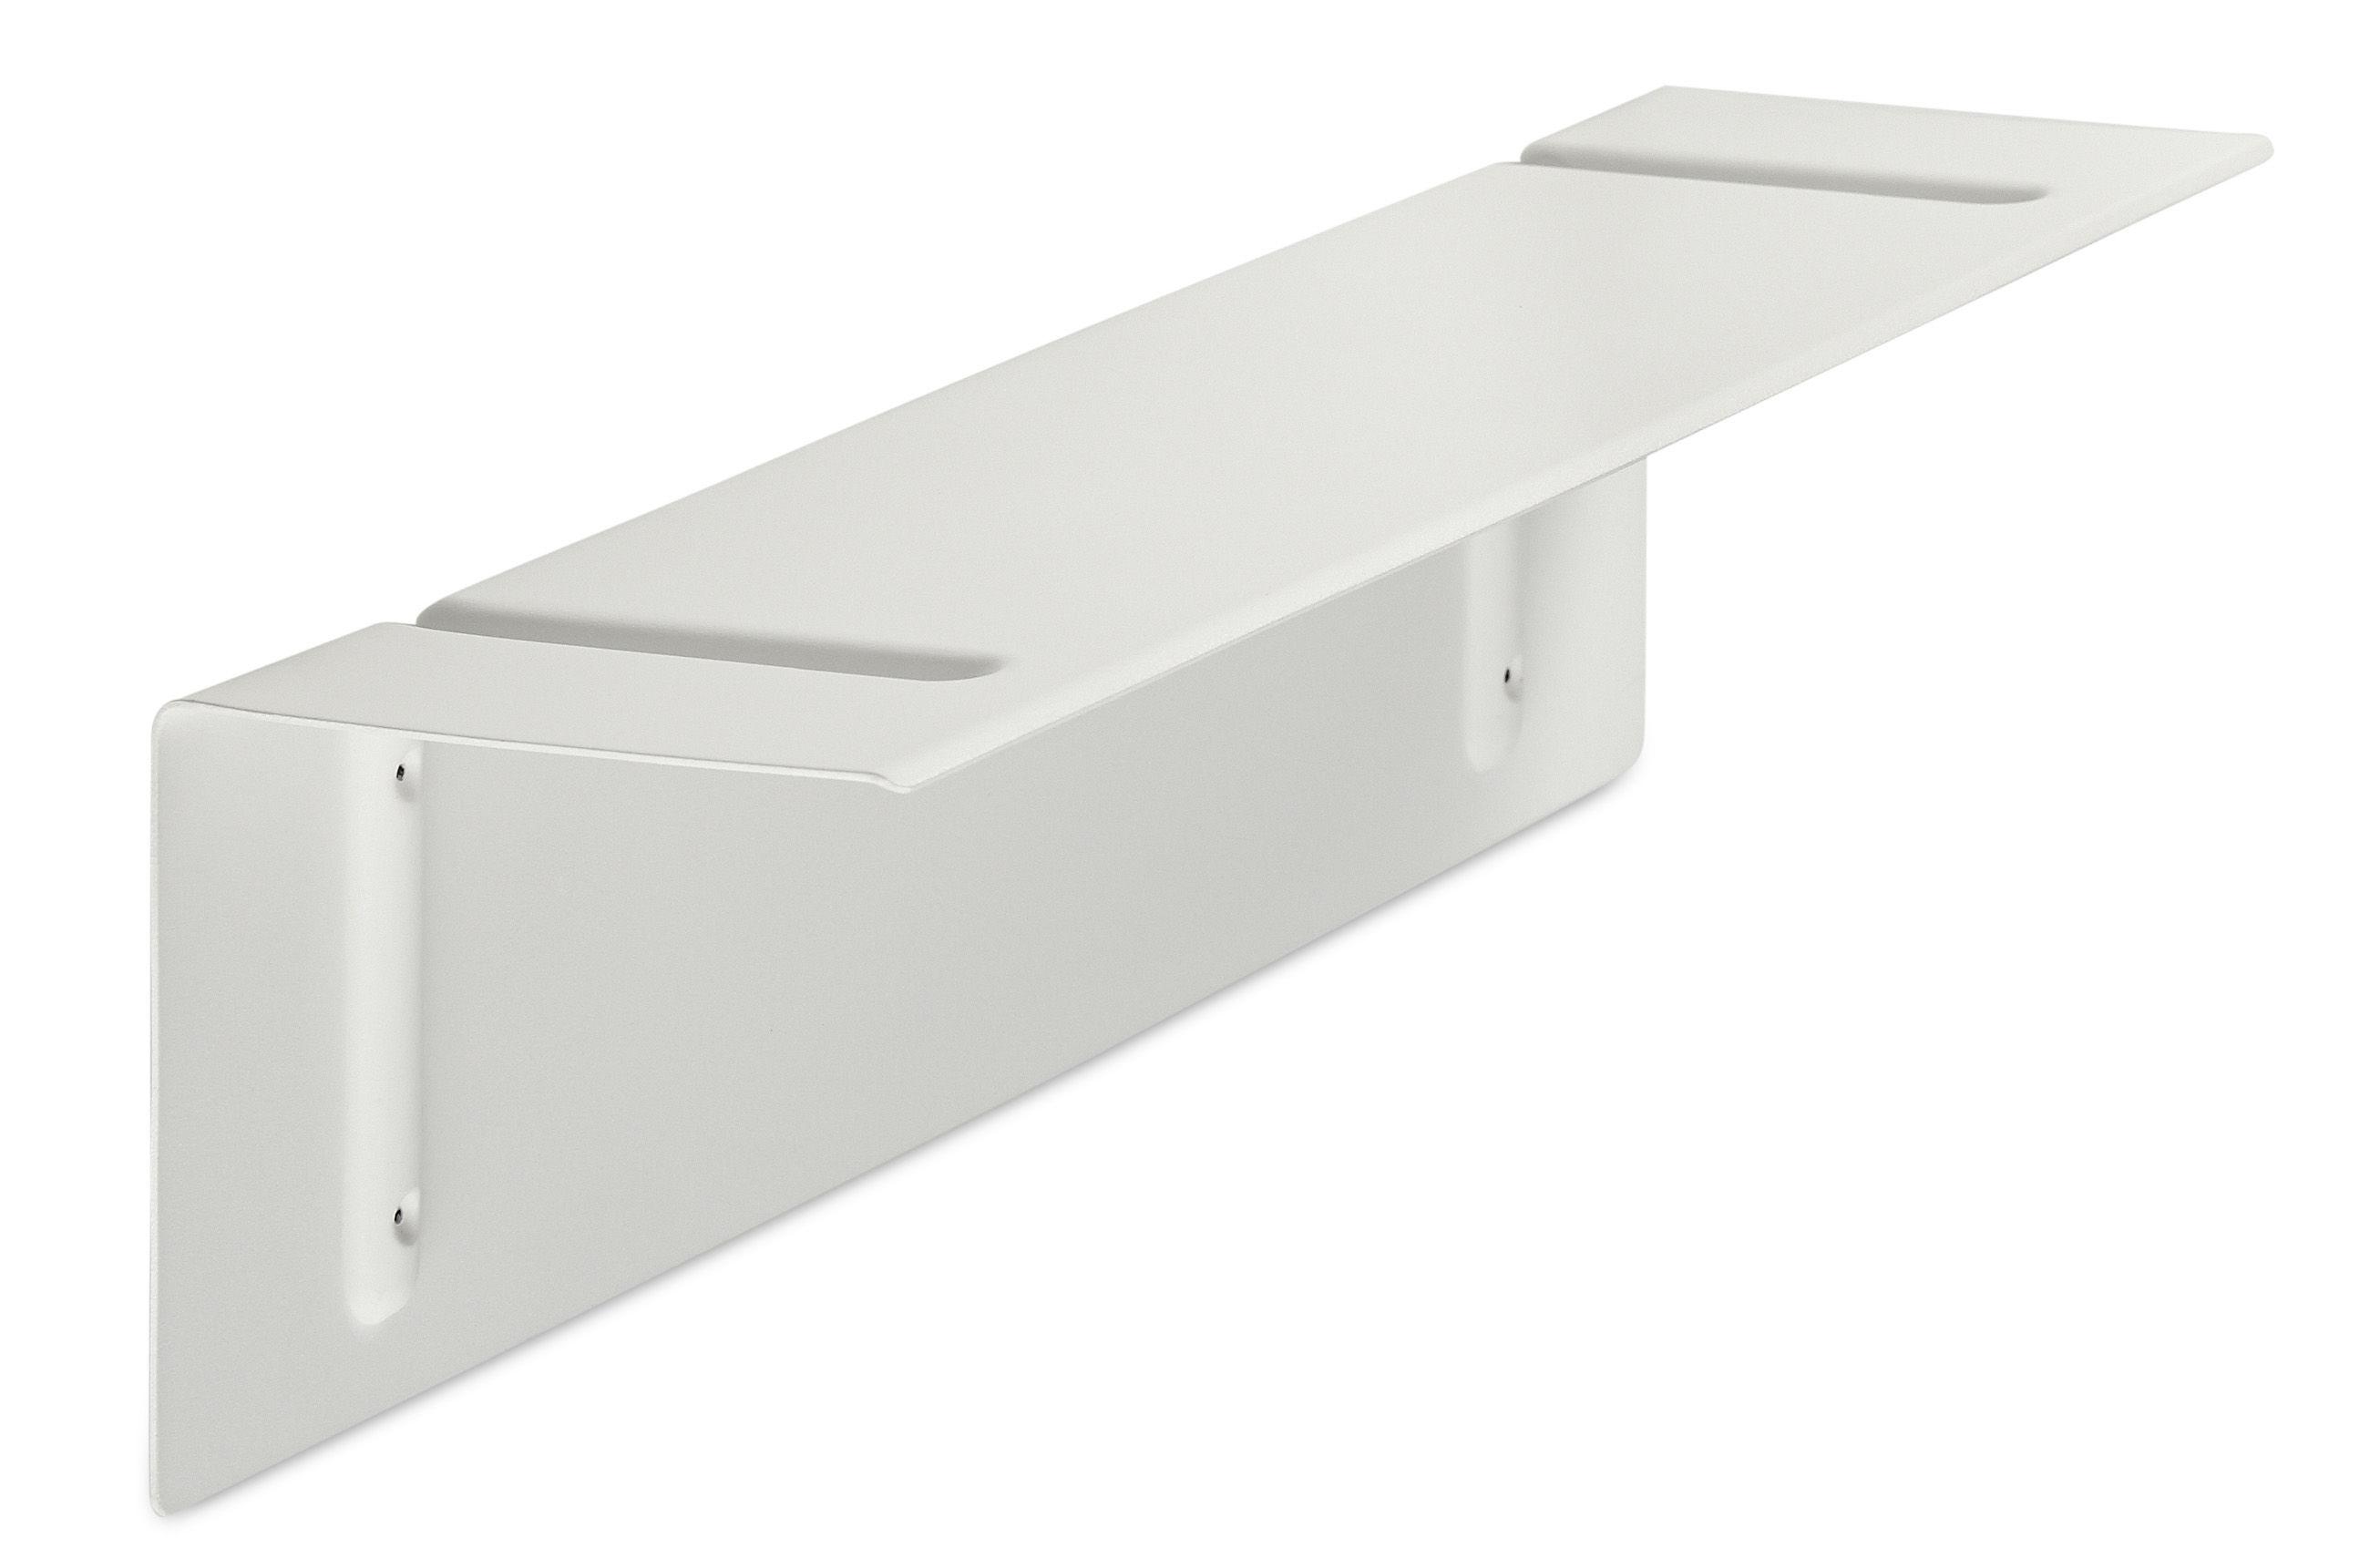 Arredamento - Scaffali e librerie - Scaffale Brackets Included - / L 80 cm di Hay - Bianco - Acciaio laccato